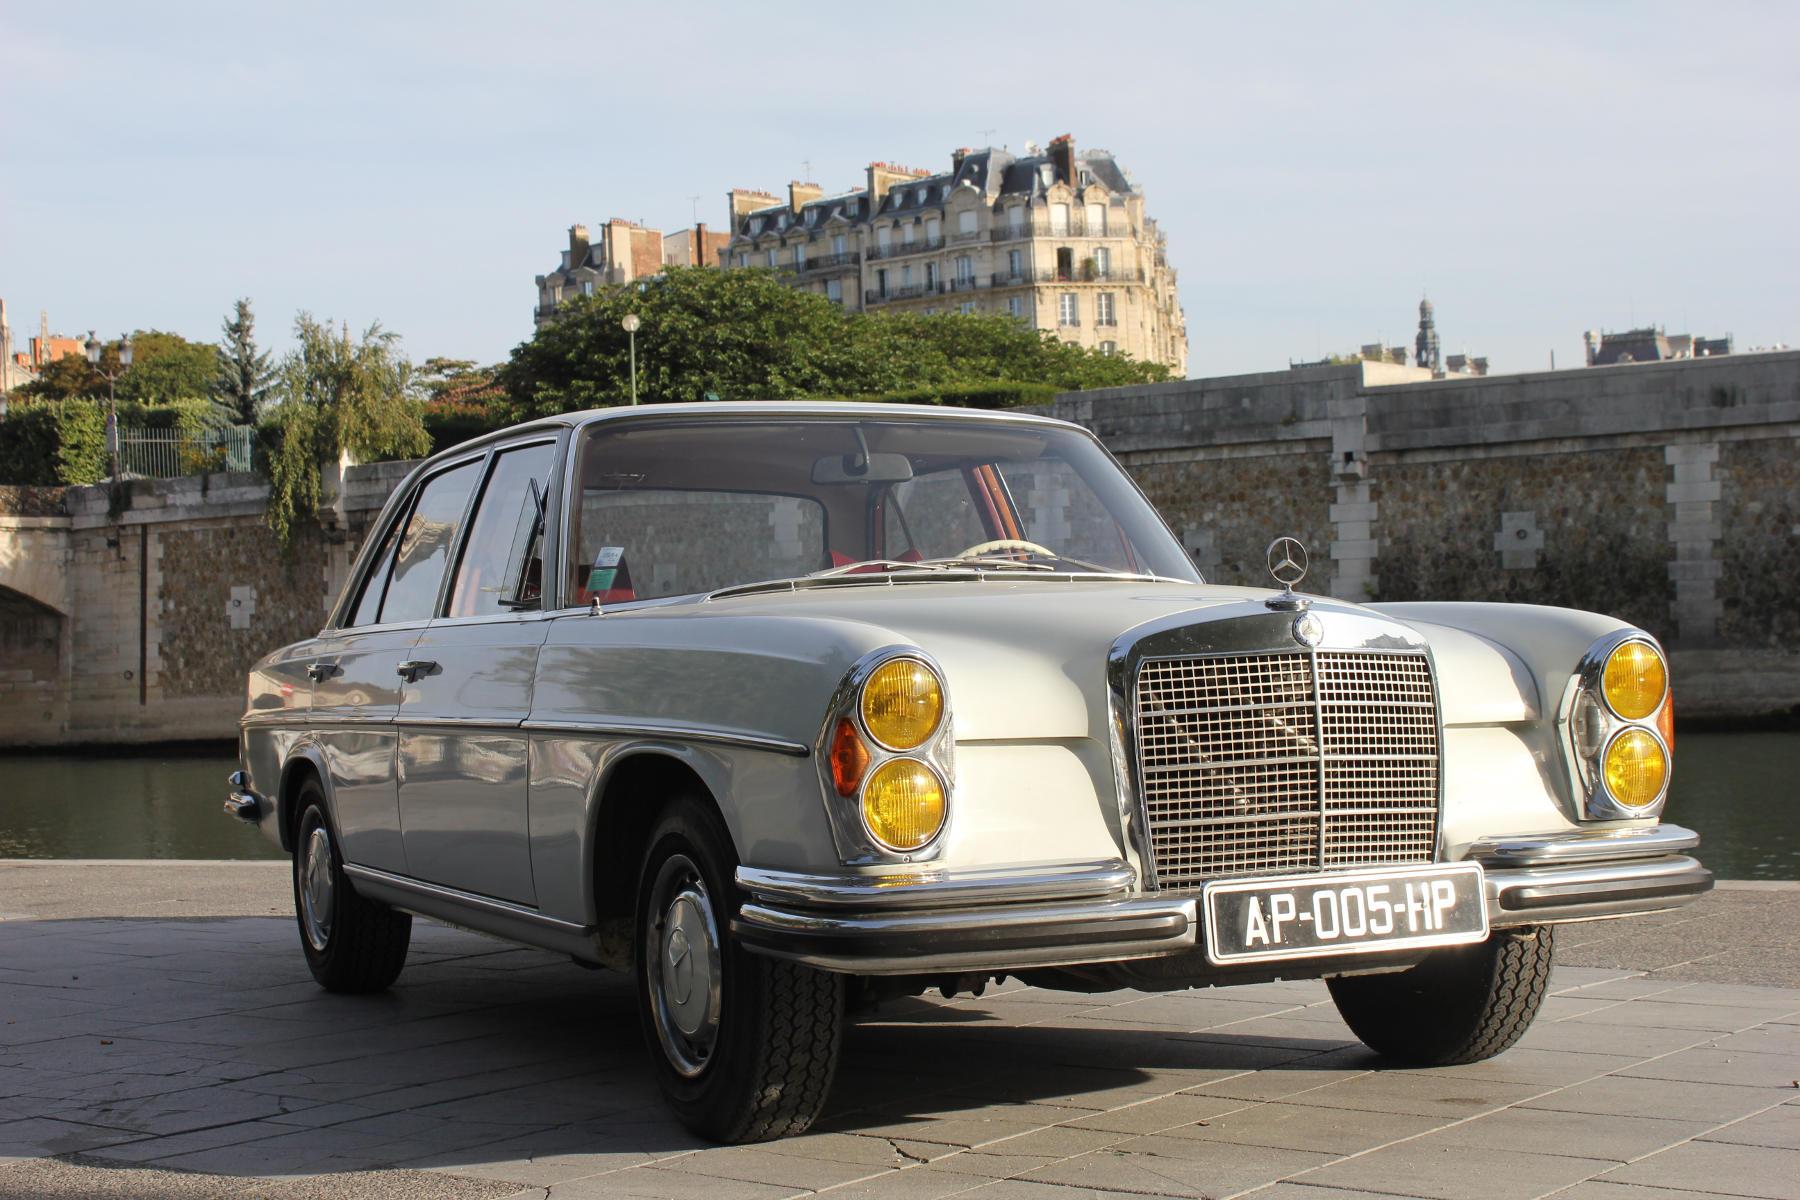 Visite de Paris en voiture de collection et dégustation de vins